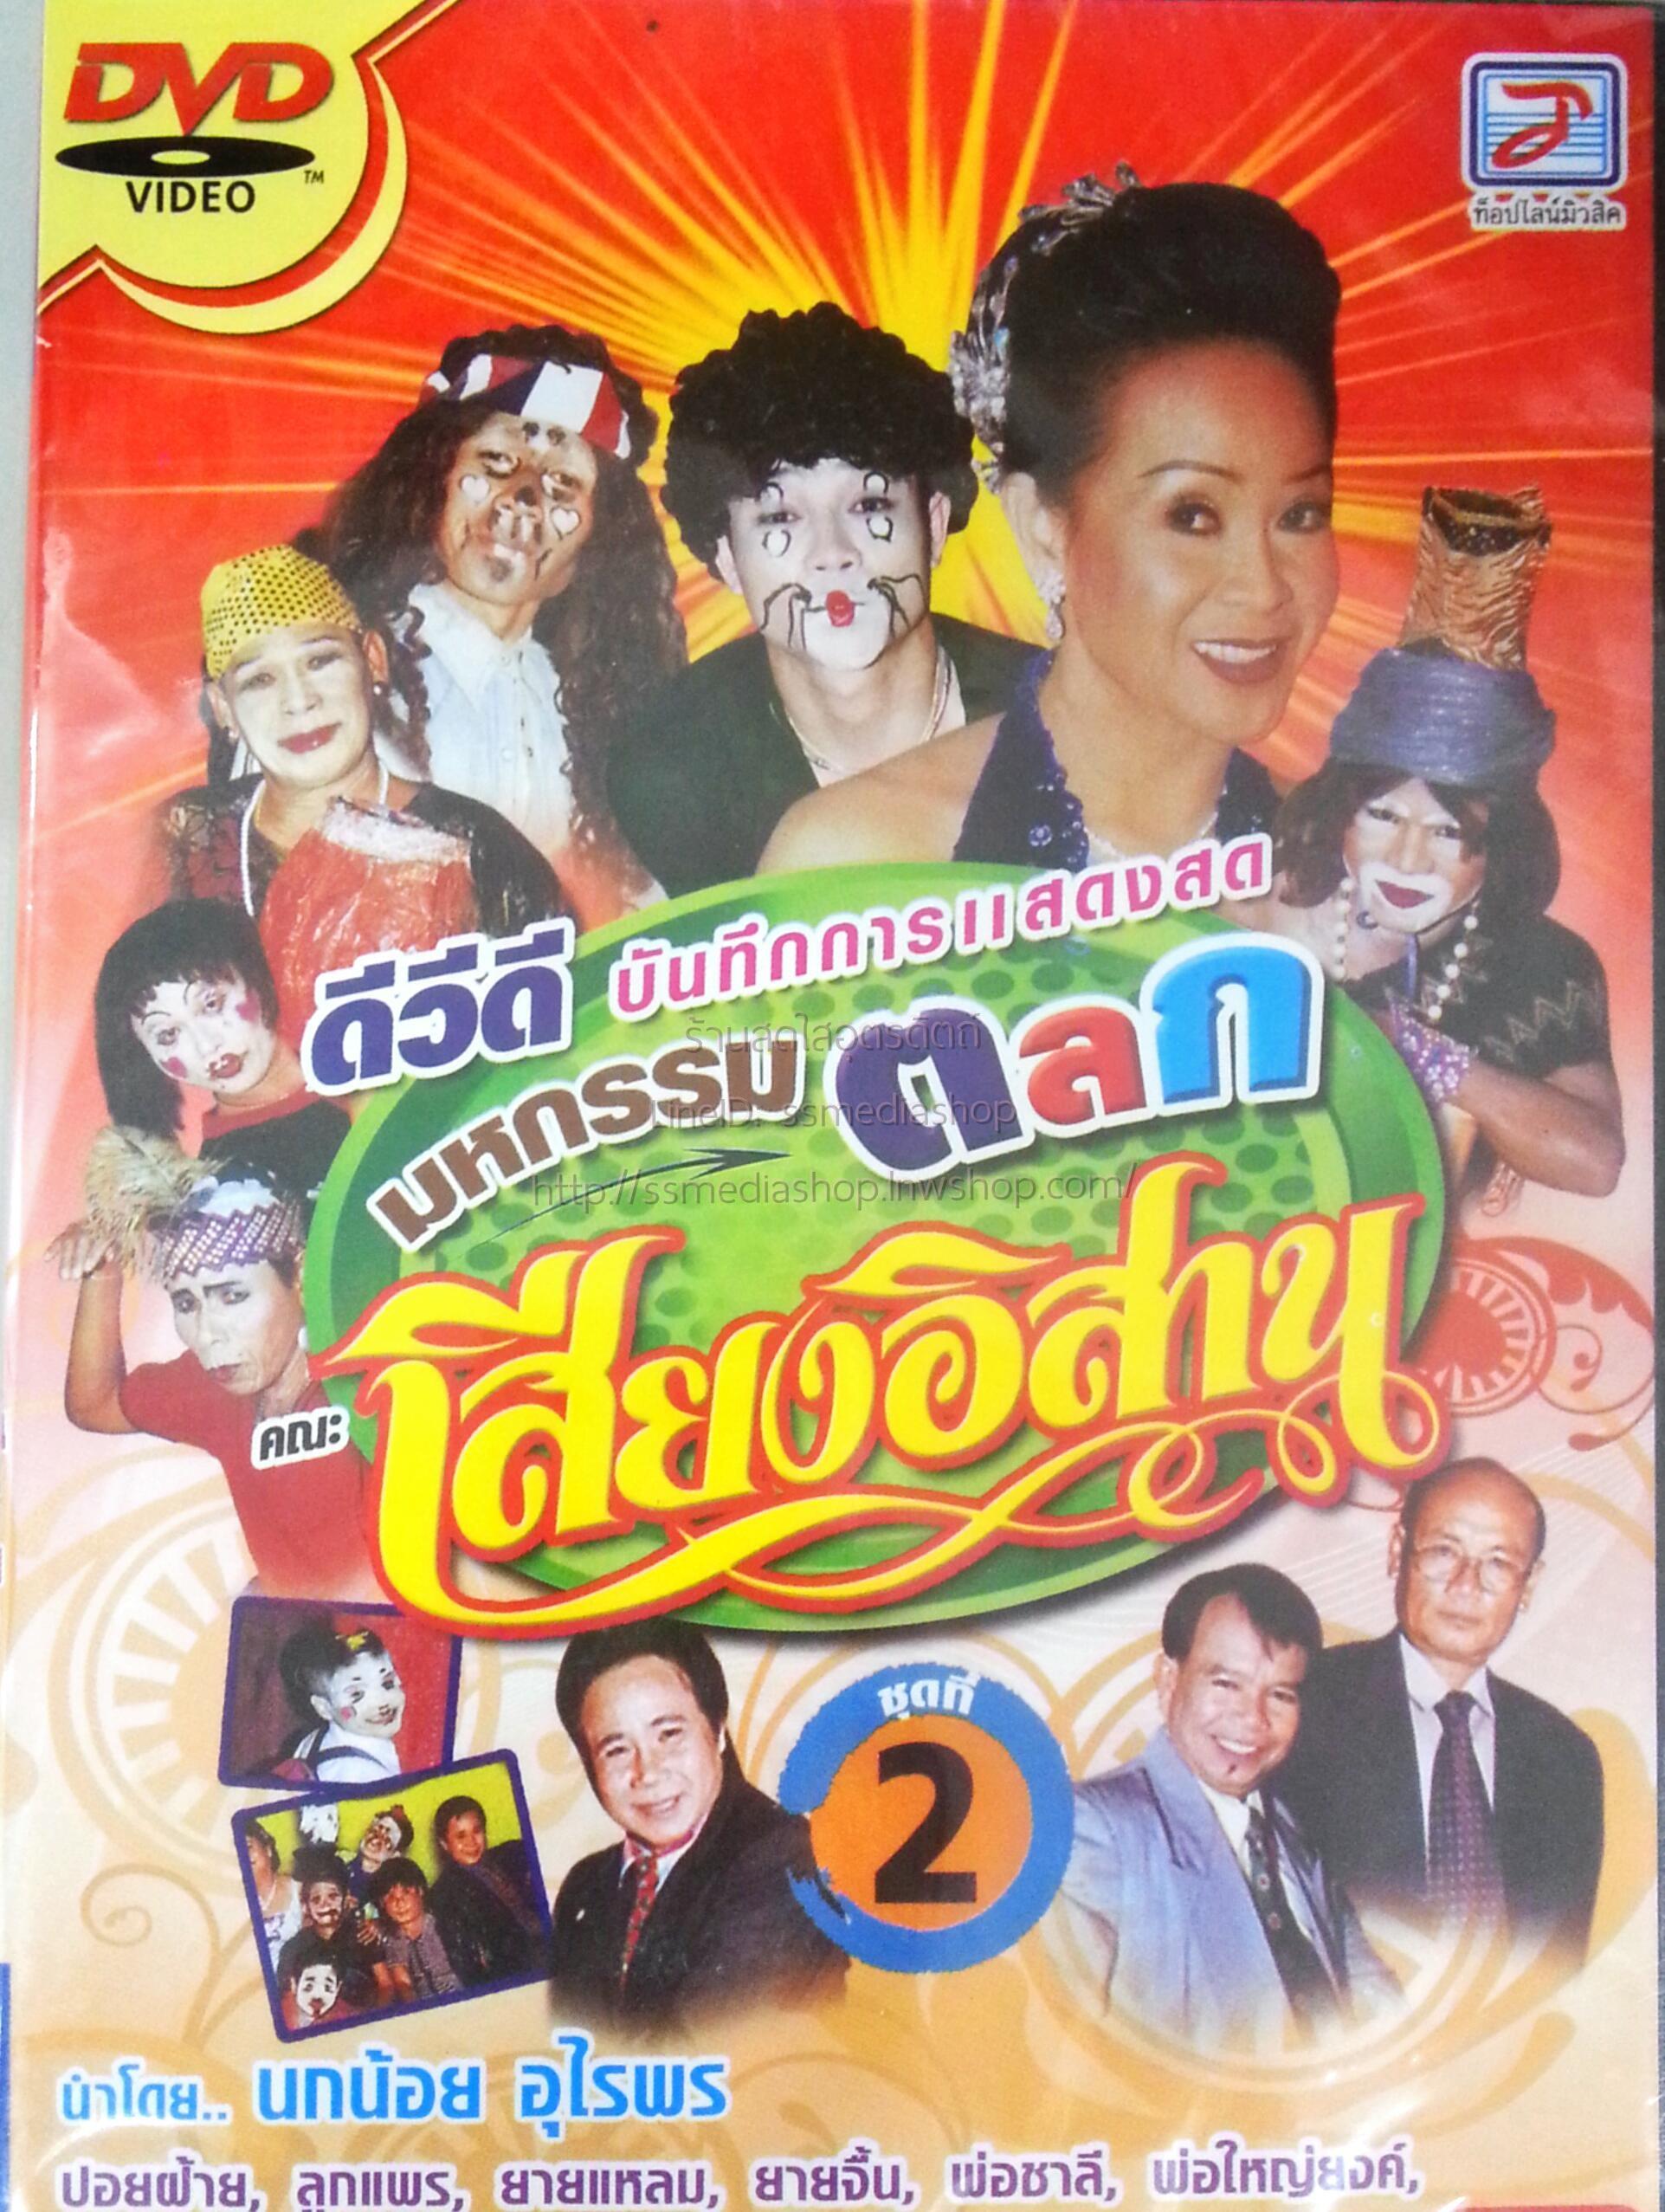 DVD บันทึกกาแรสดงสดมหกรรมตลกคณะเสียงอิสาน ชุดที่2